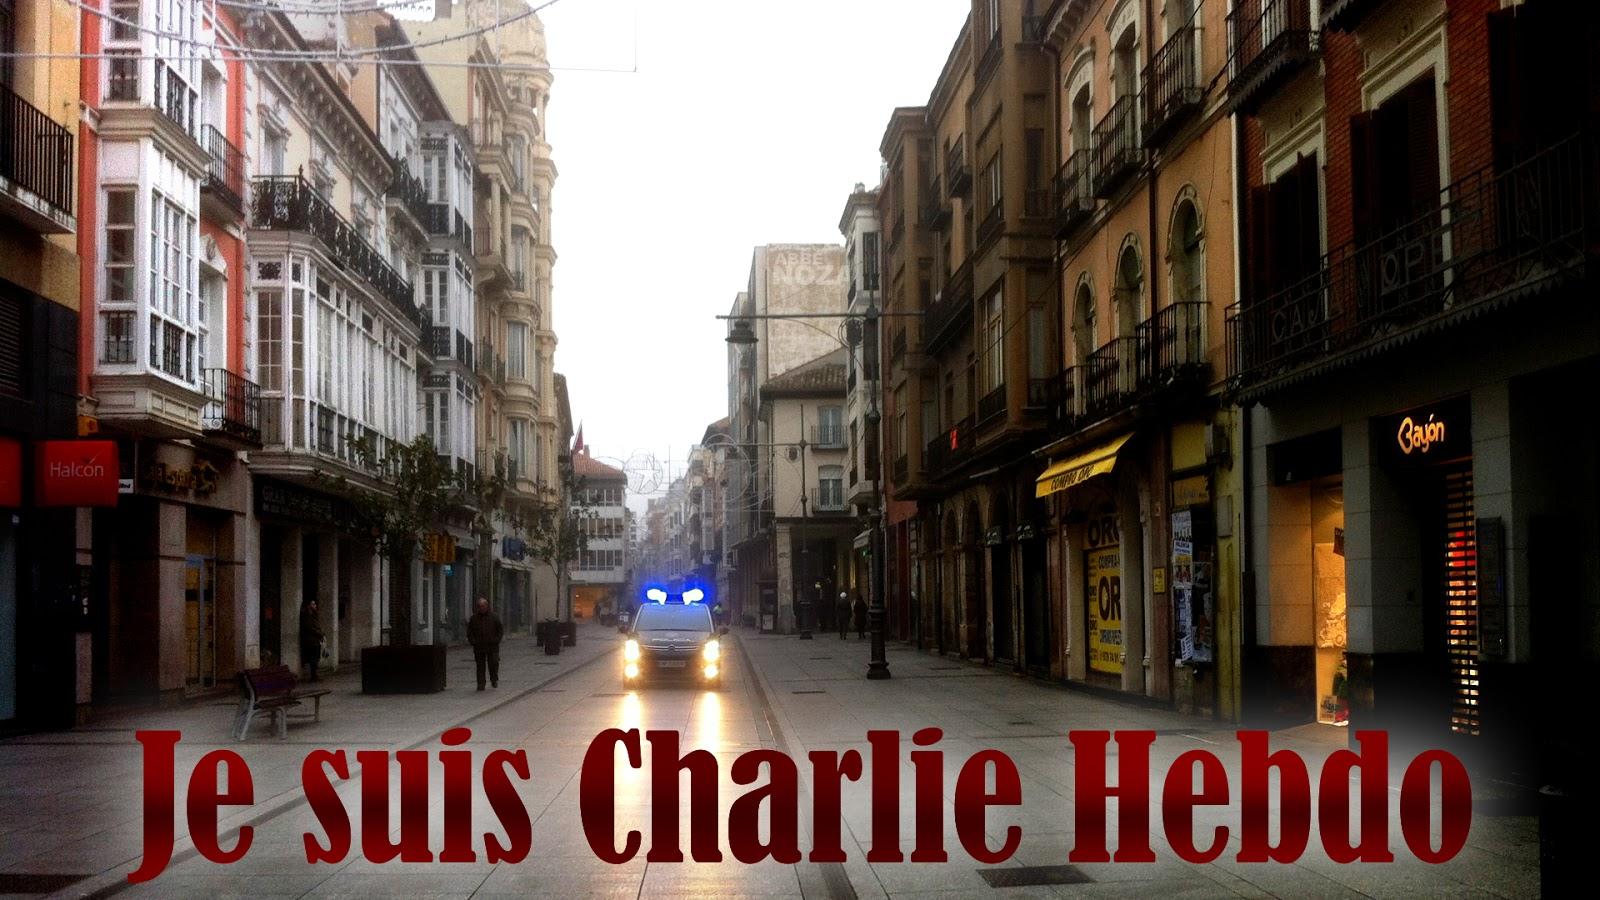 Je suis Charlie Hebdo, 2015 Abbé Nozal